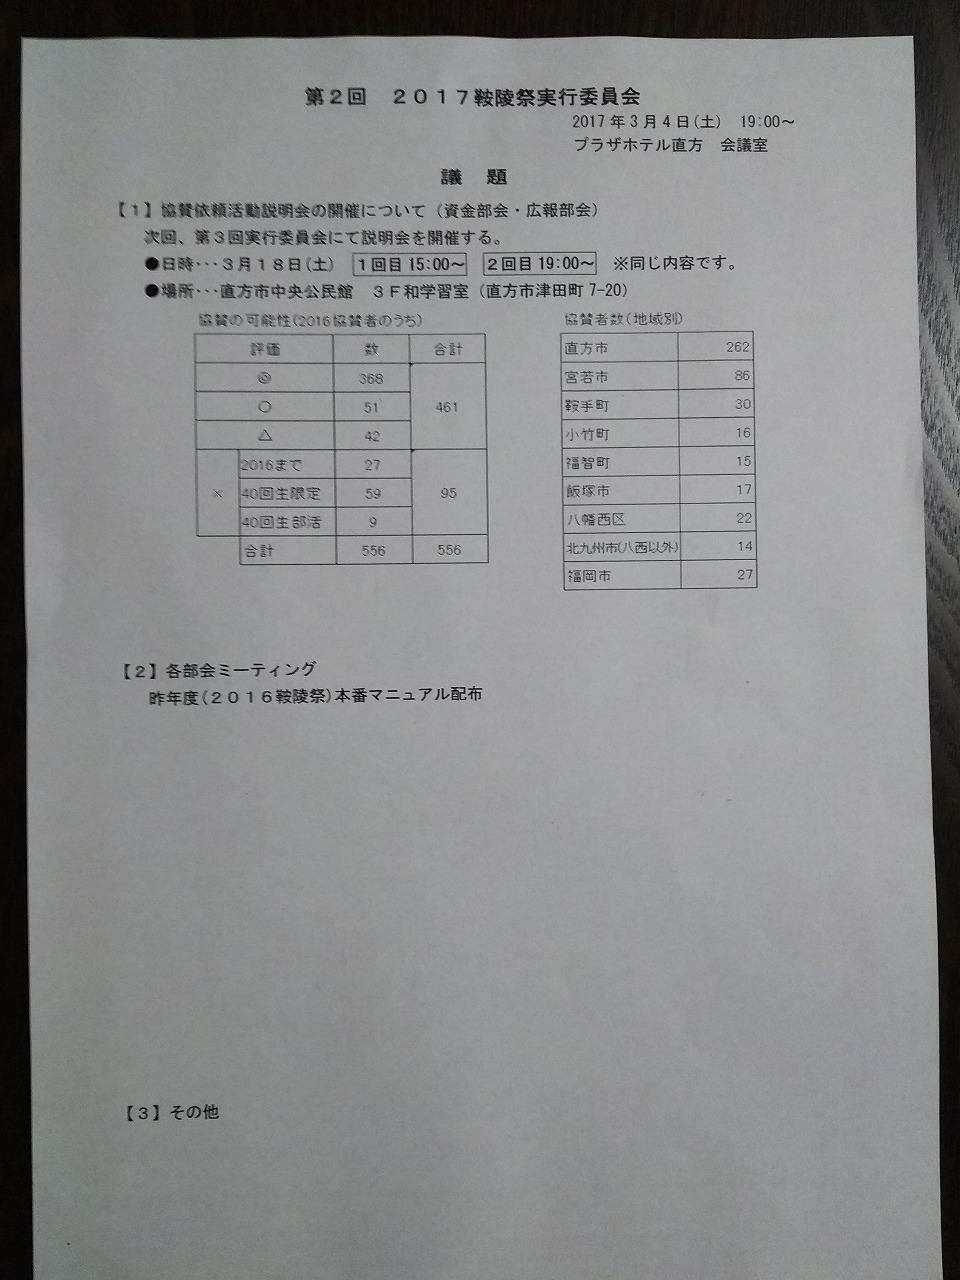 20170304-04.jpg